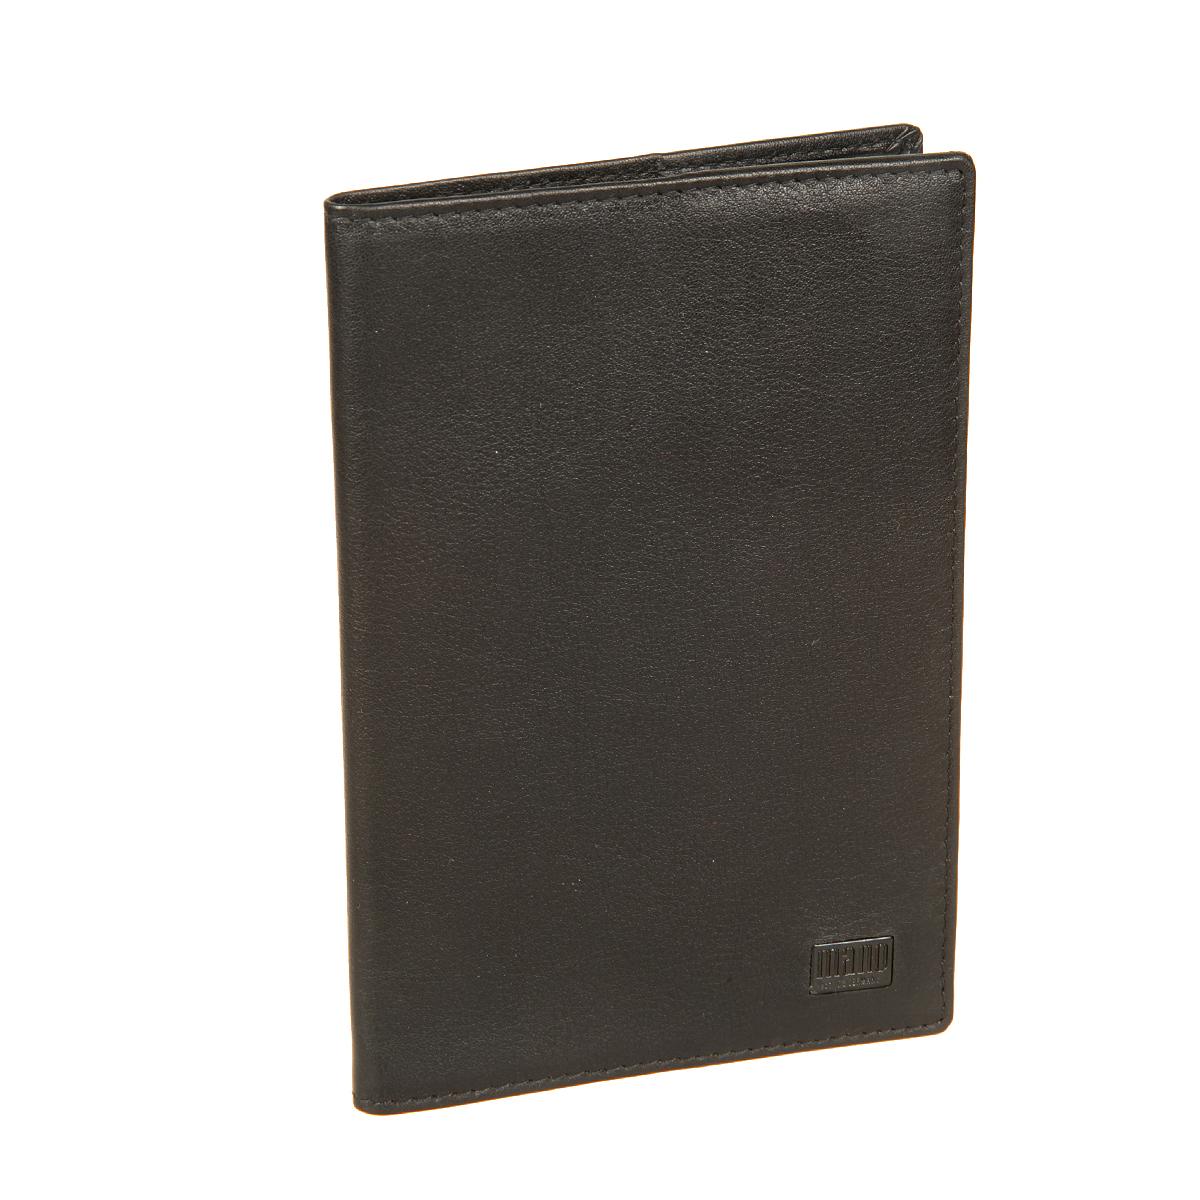 Обложка для паспорта мужская Mano, цвет: черный. 1915219152 certo blackОбложка выполнена из натуральной кожи и оформлена не больший пластинкой с логотипом бренда. Внутренние стороны обложки также выполнены из натуральной кожи.Обложка упакована в фирменную картонную коробку.